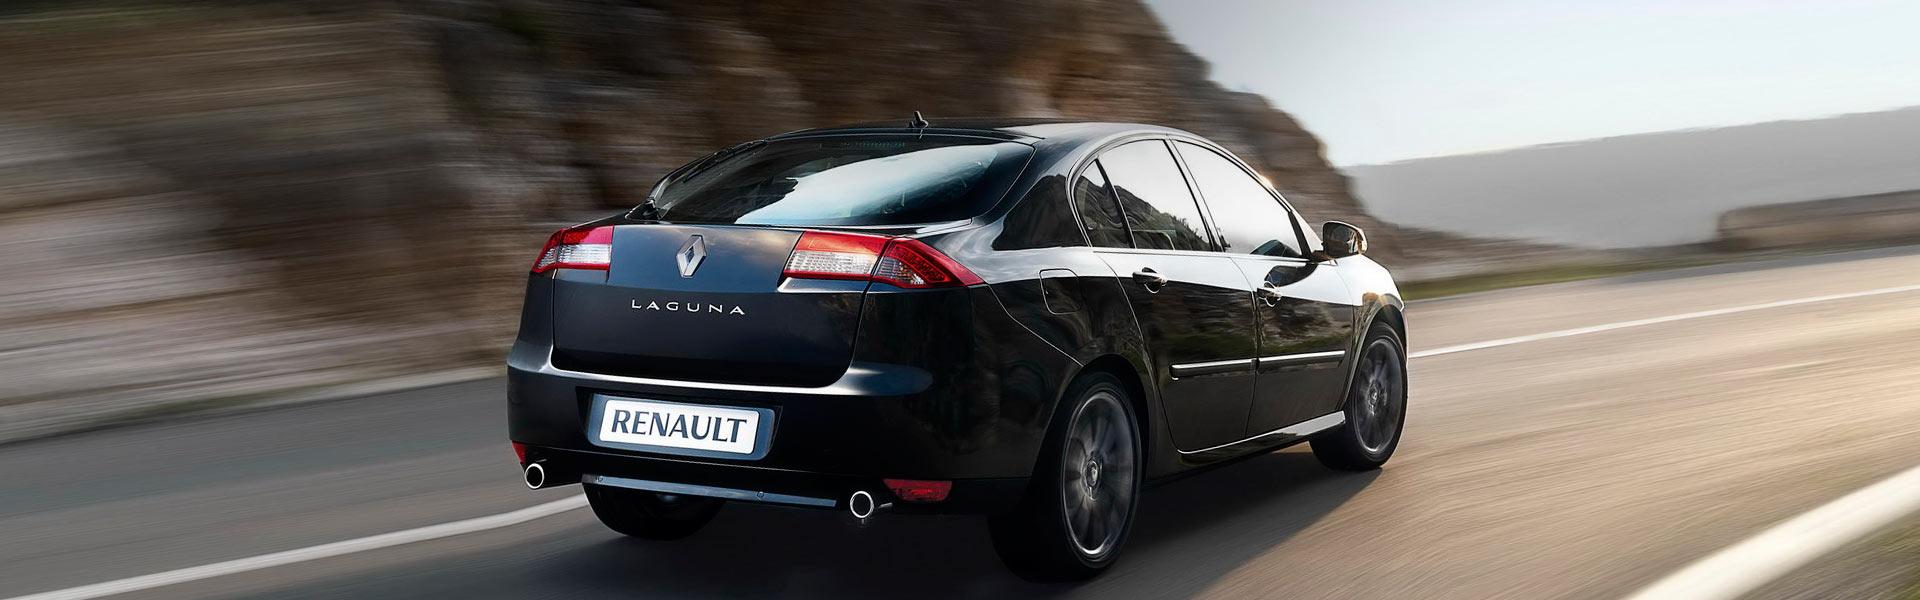 Сервис Renault Laguna